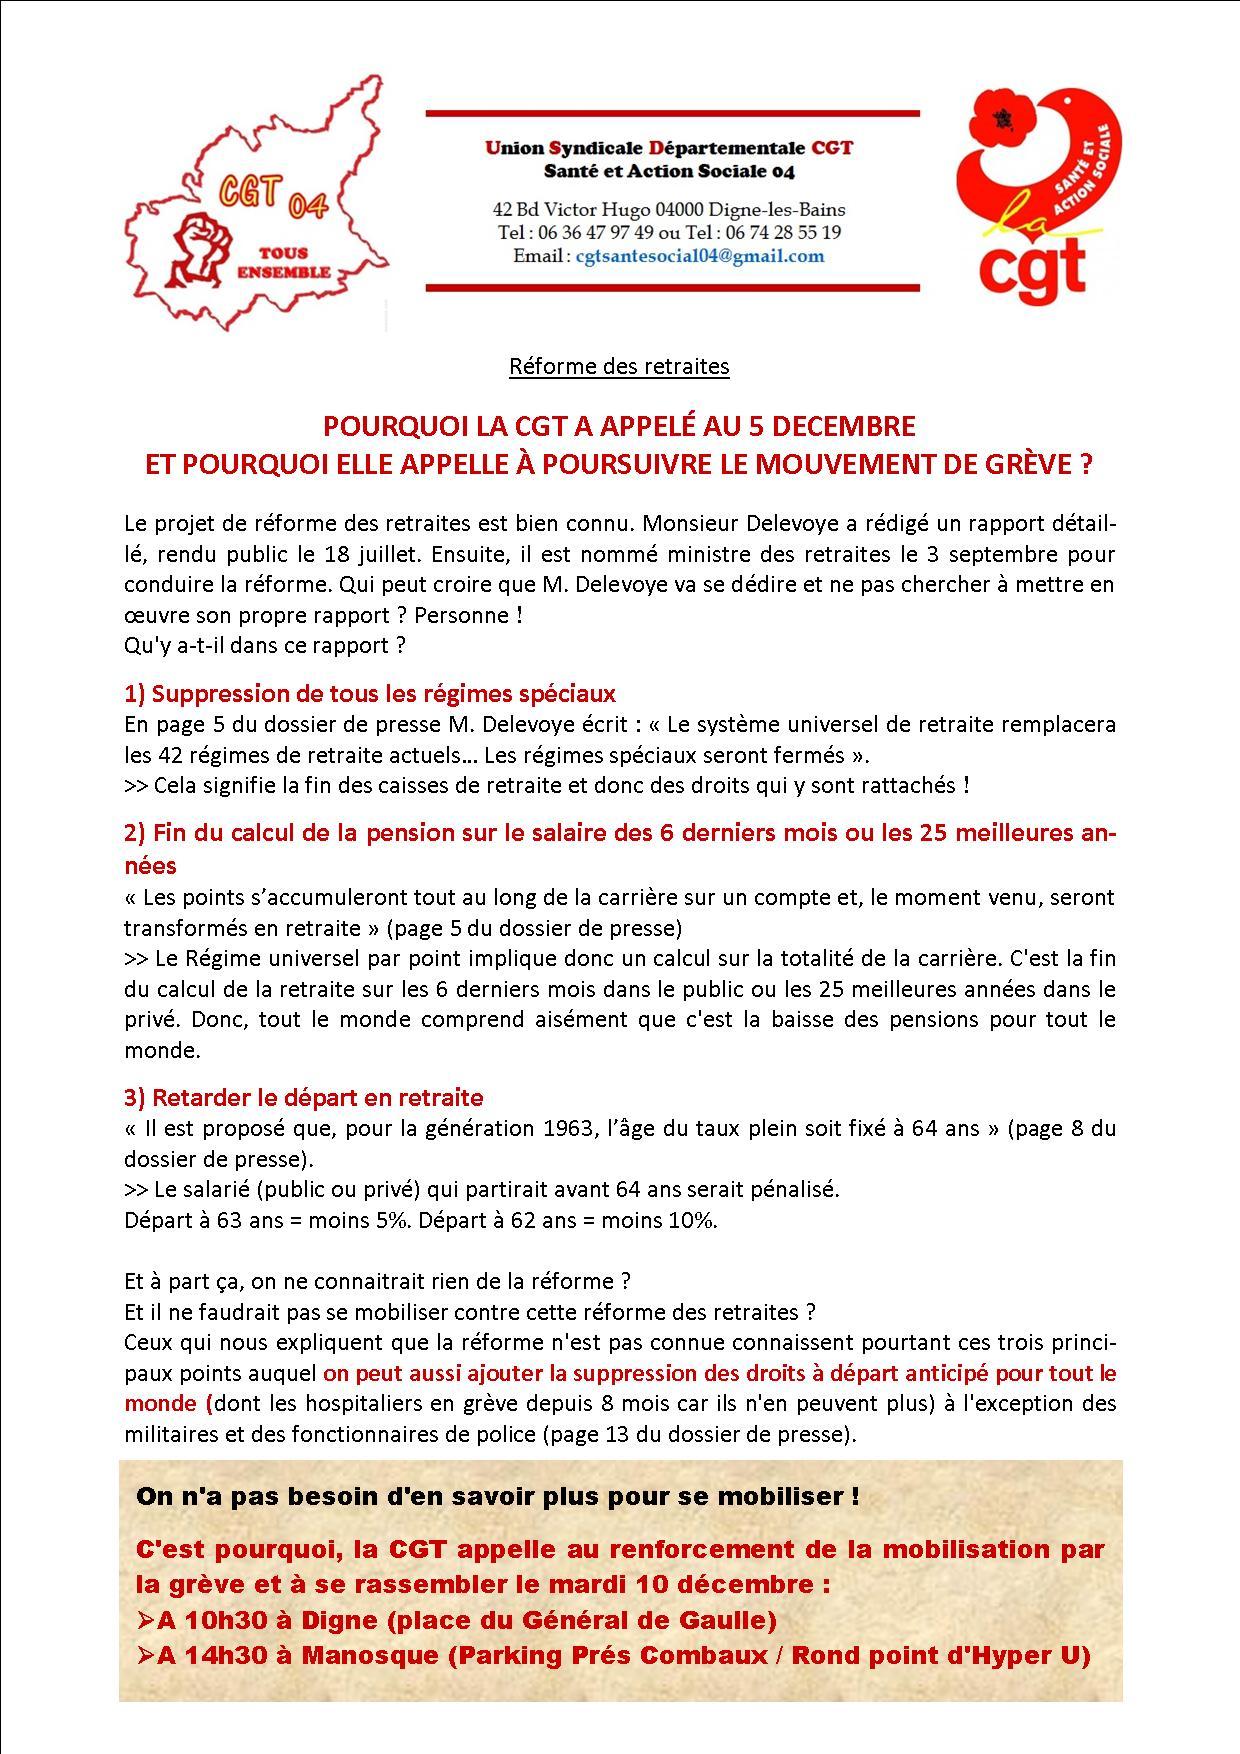 Tract USD CGT Santé Social 04 réforme retraites 10 décembre 2019